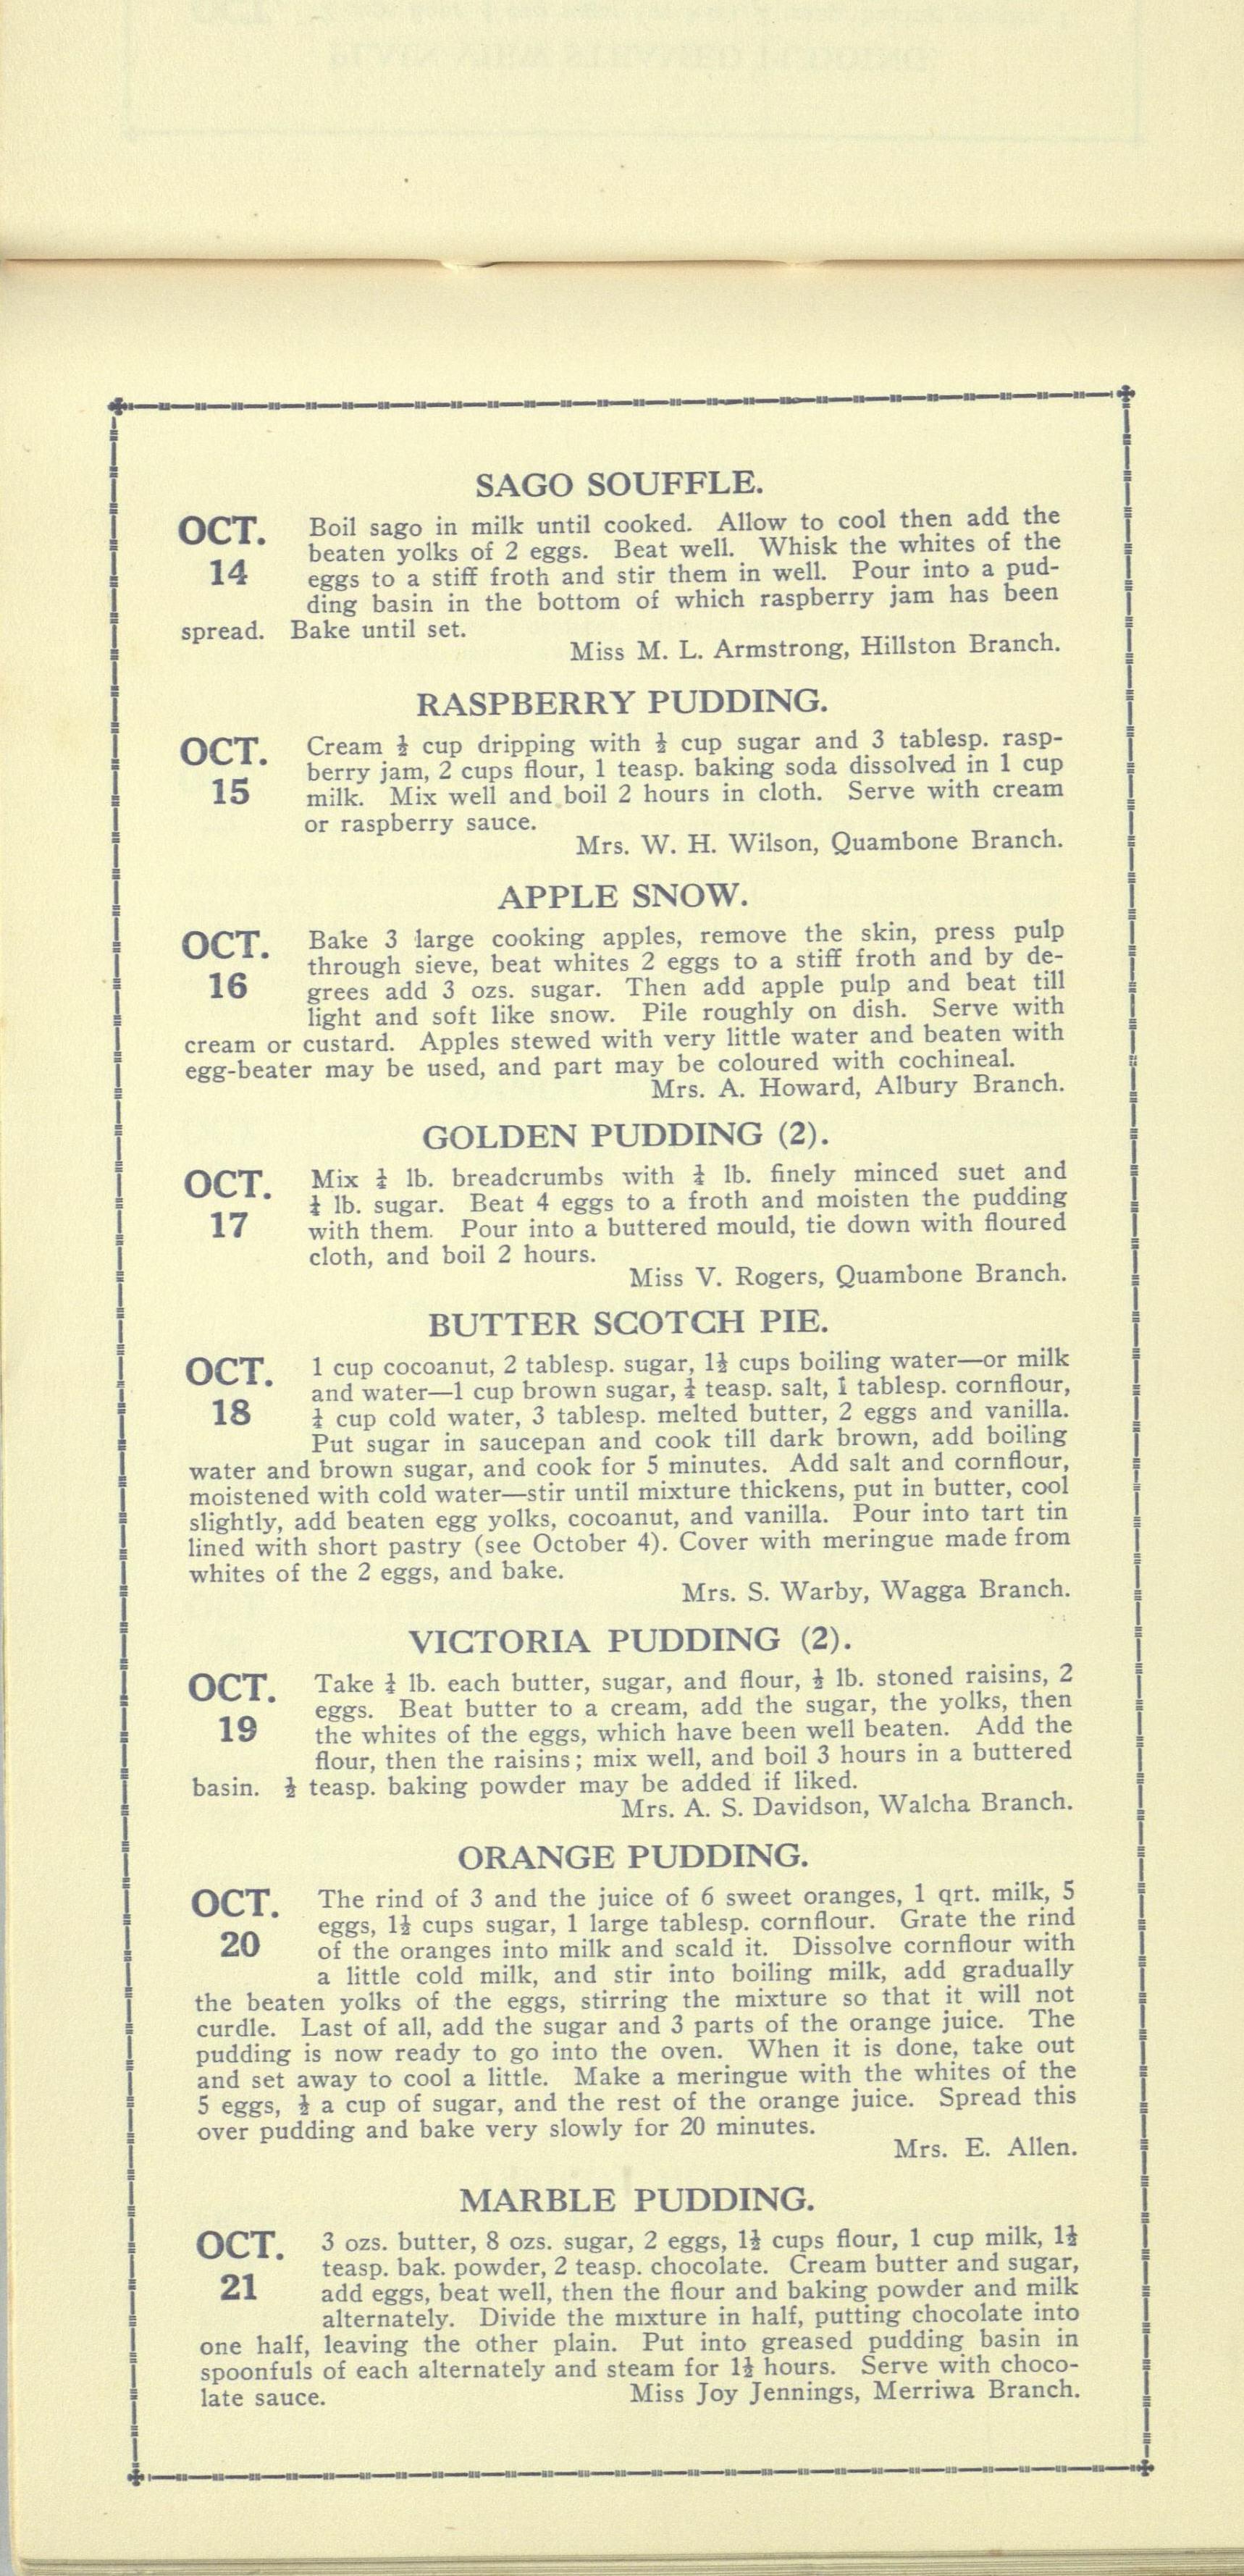 Pudding Calendar 15 Oct - 21 Oct